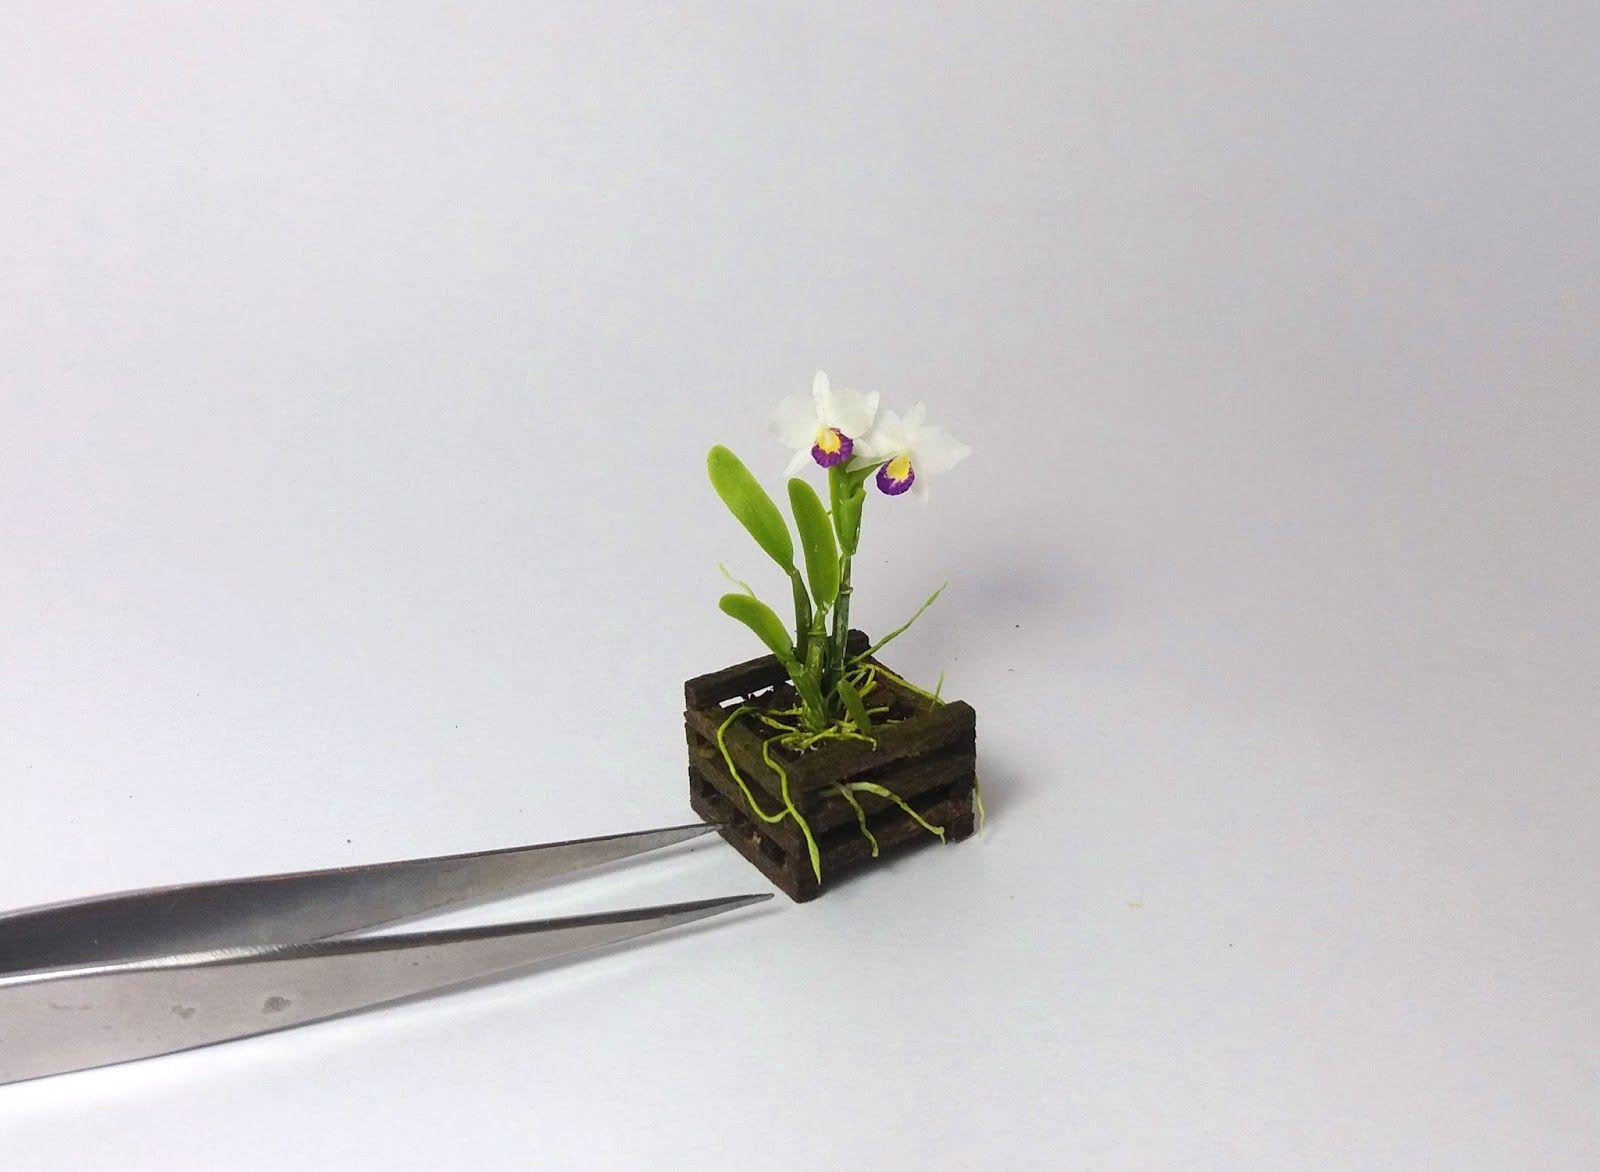 Idéias & Coisas - arte em miniaturas